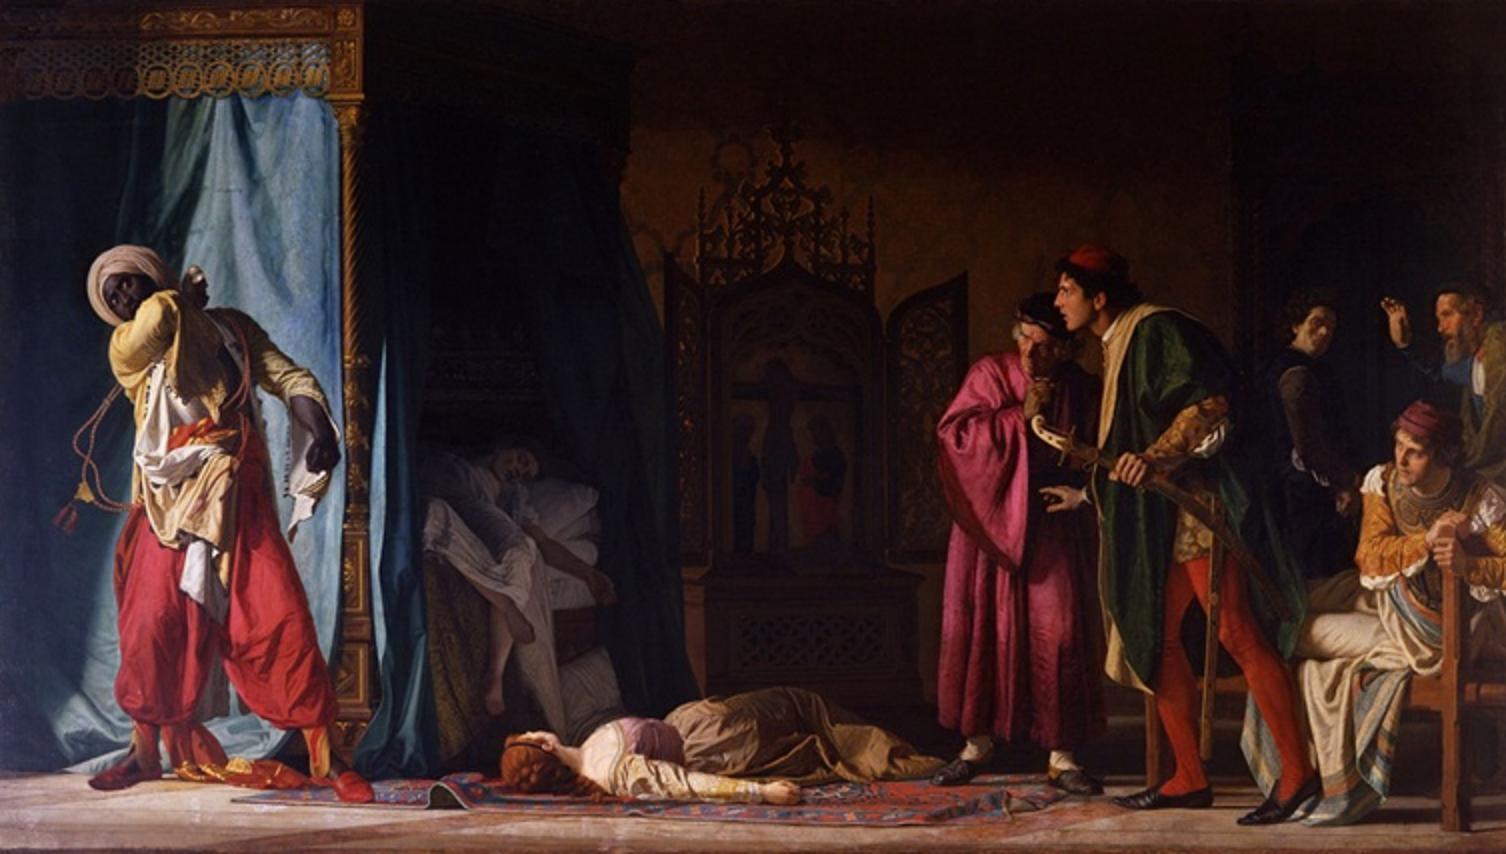 Помпео Мольменти. Смерть Отелло. 1866. Картина-юбиляр.